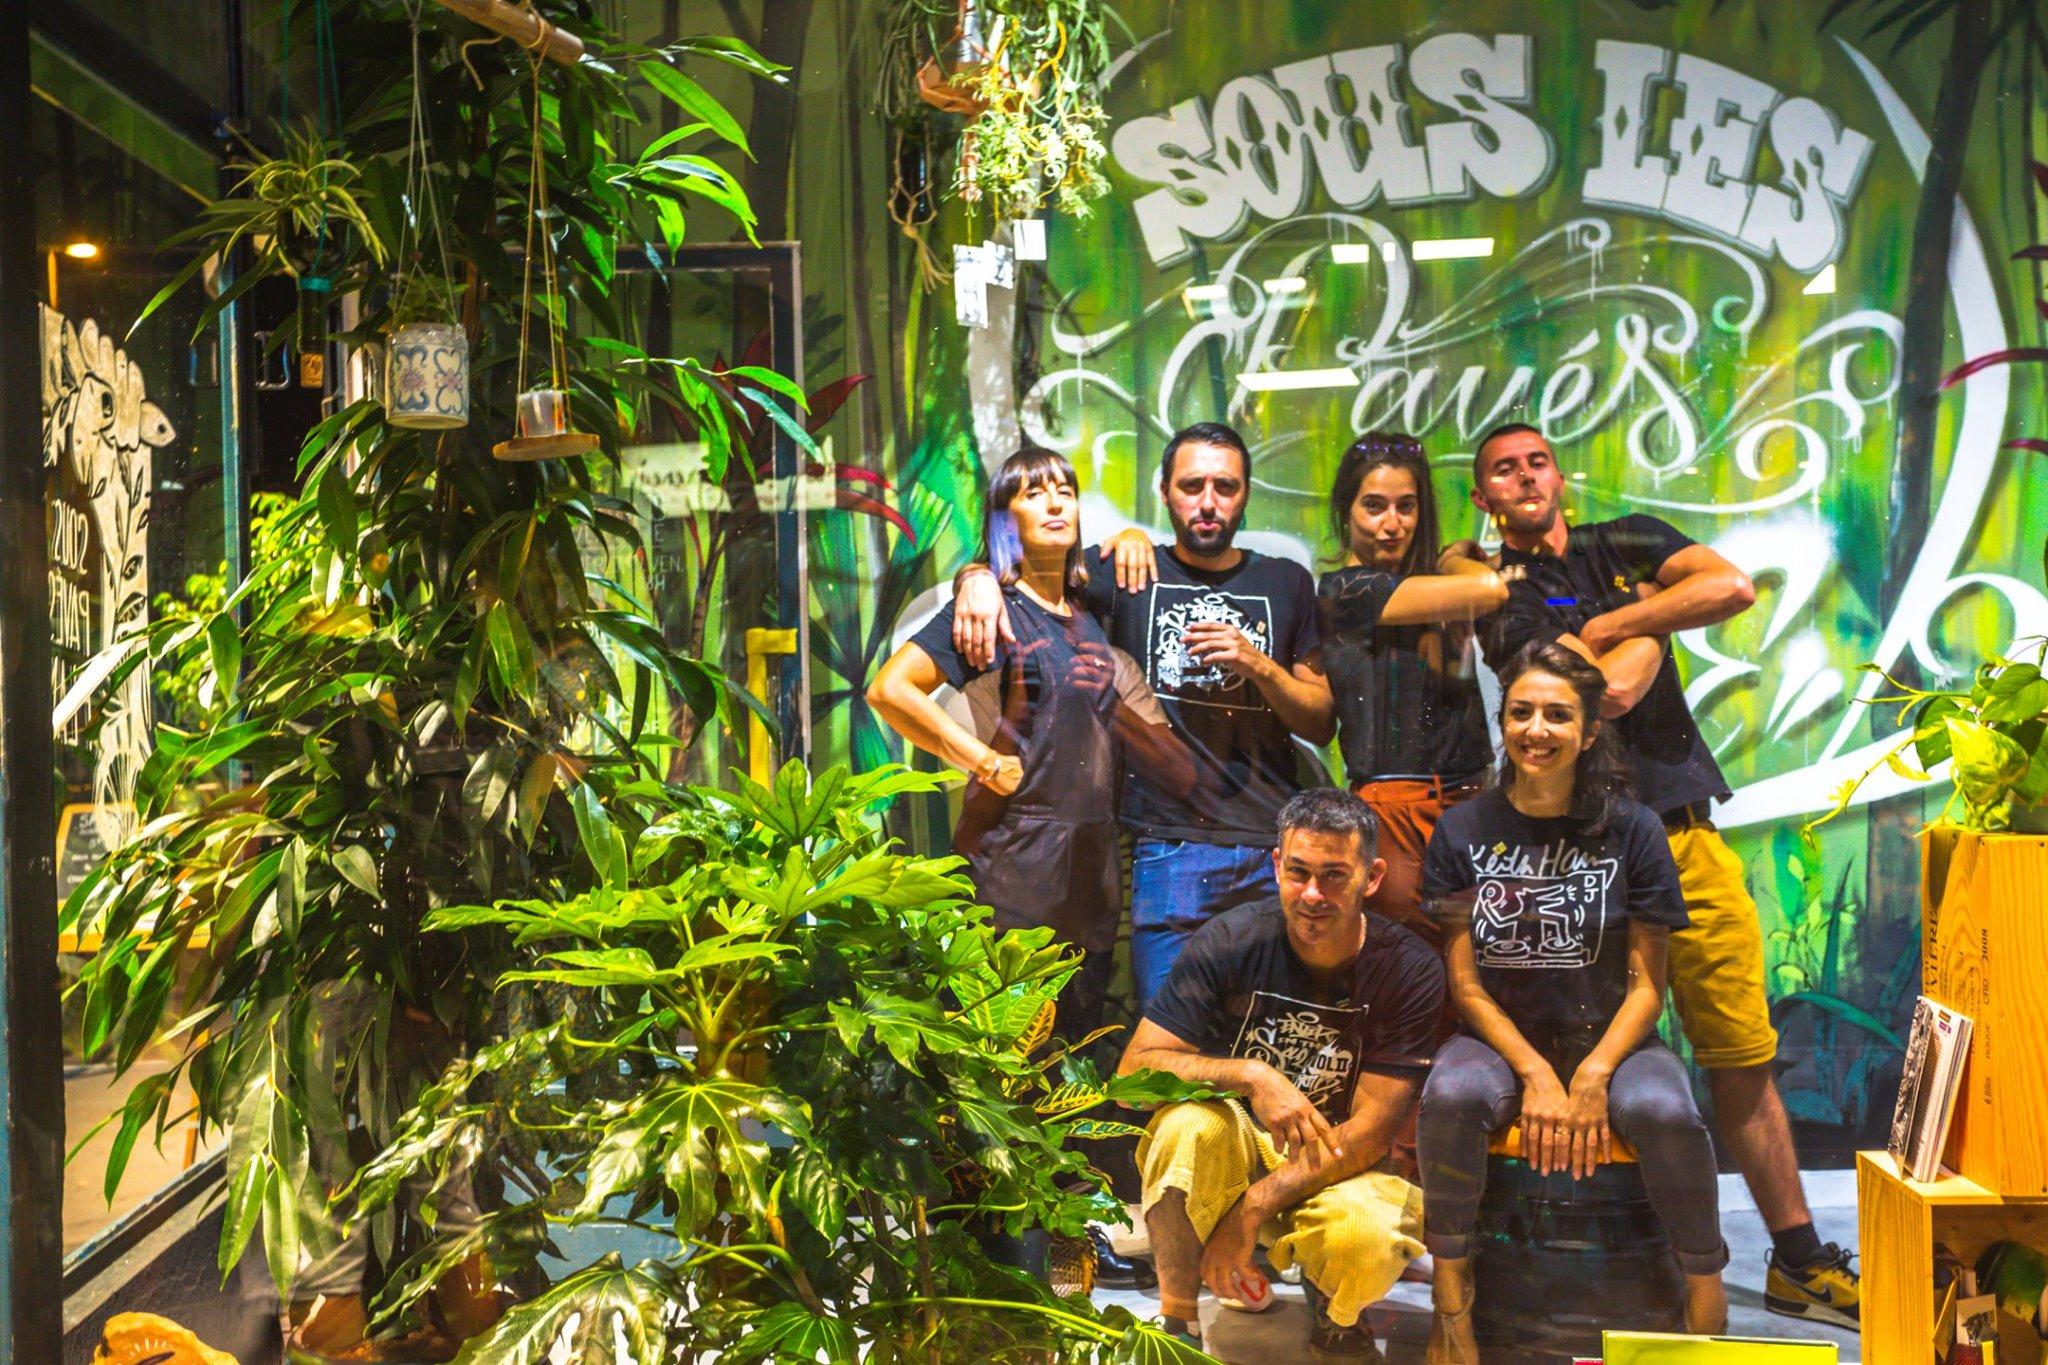 Le collectif Sous les pavés la plante au complet